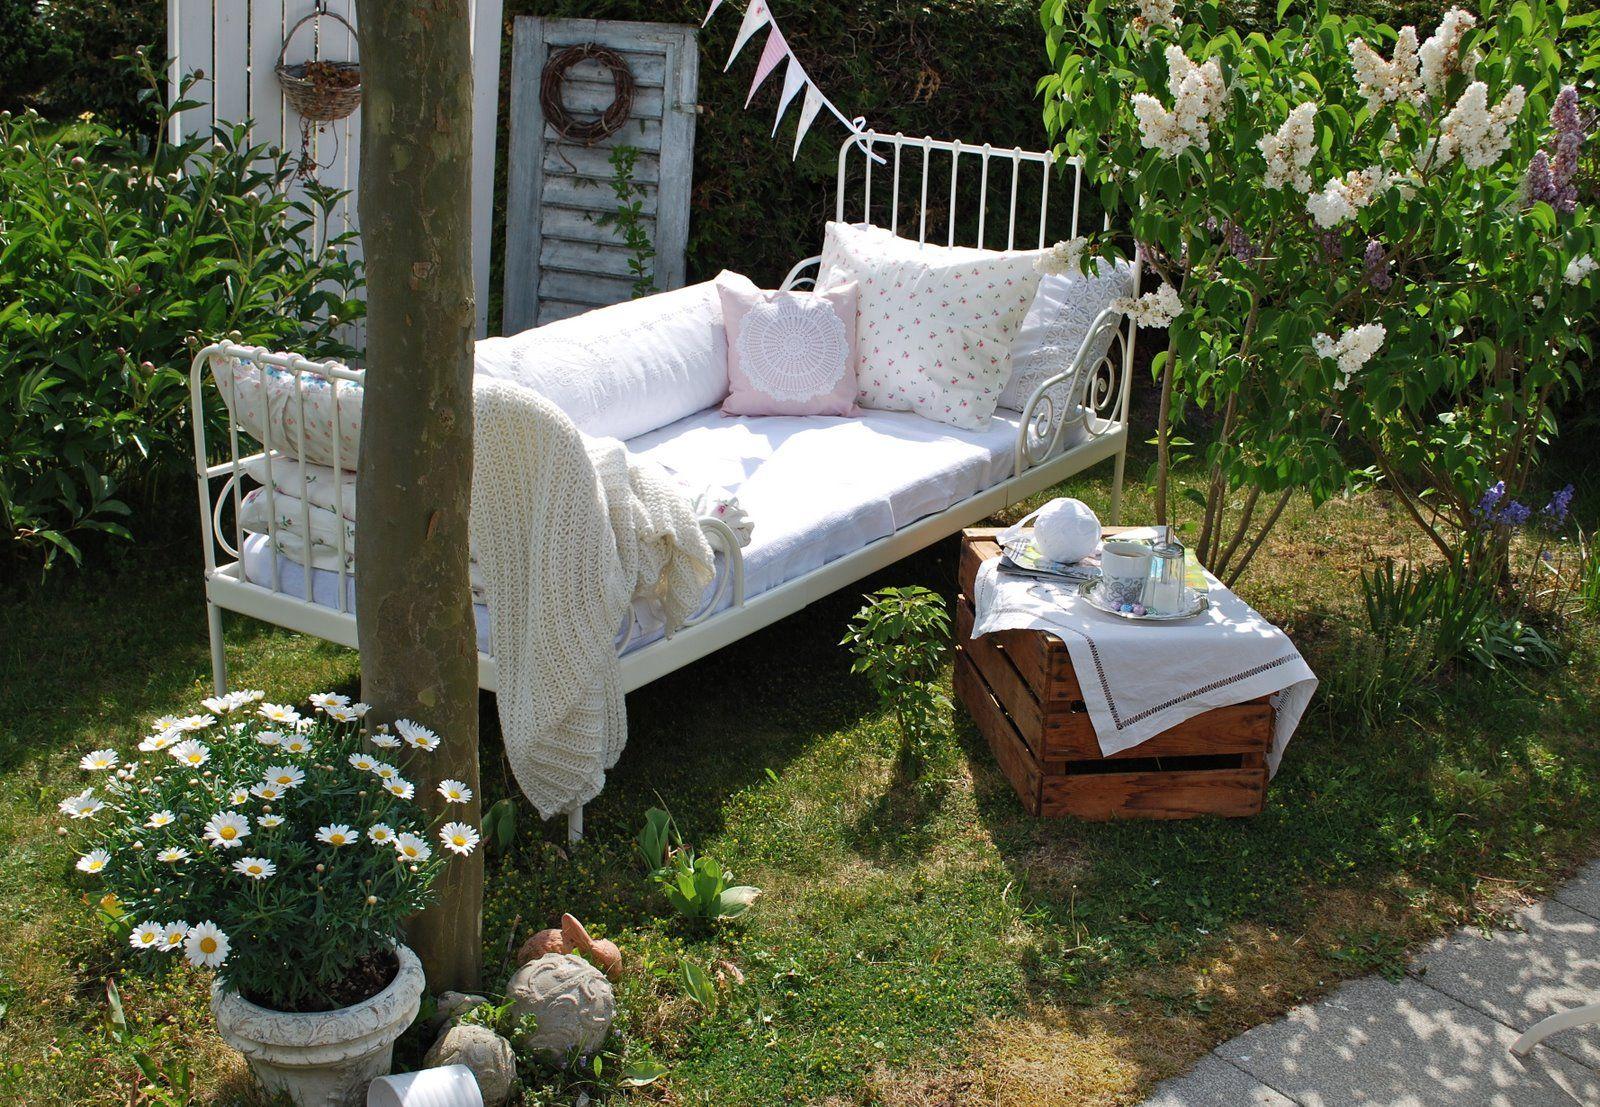 bett im garten garten pinterest bett g rten und gartentr ume. Black Bedroom Furniture Sets. Home Design Ideas